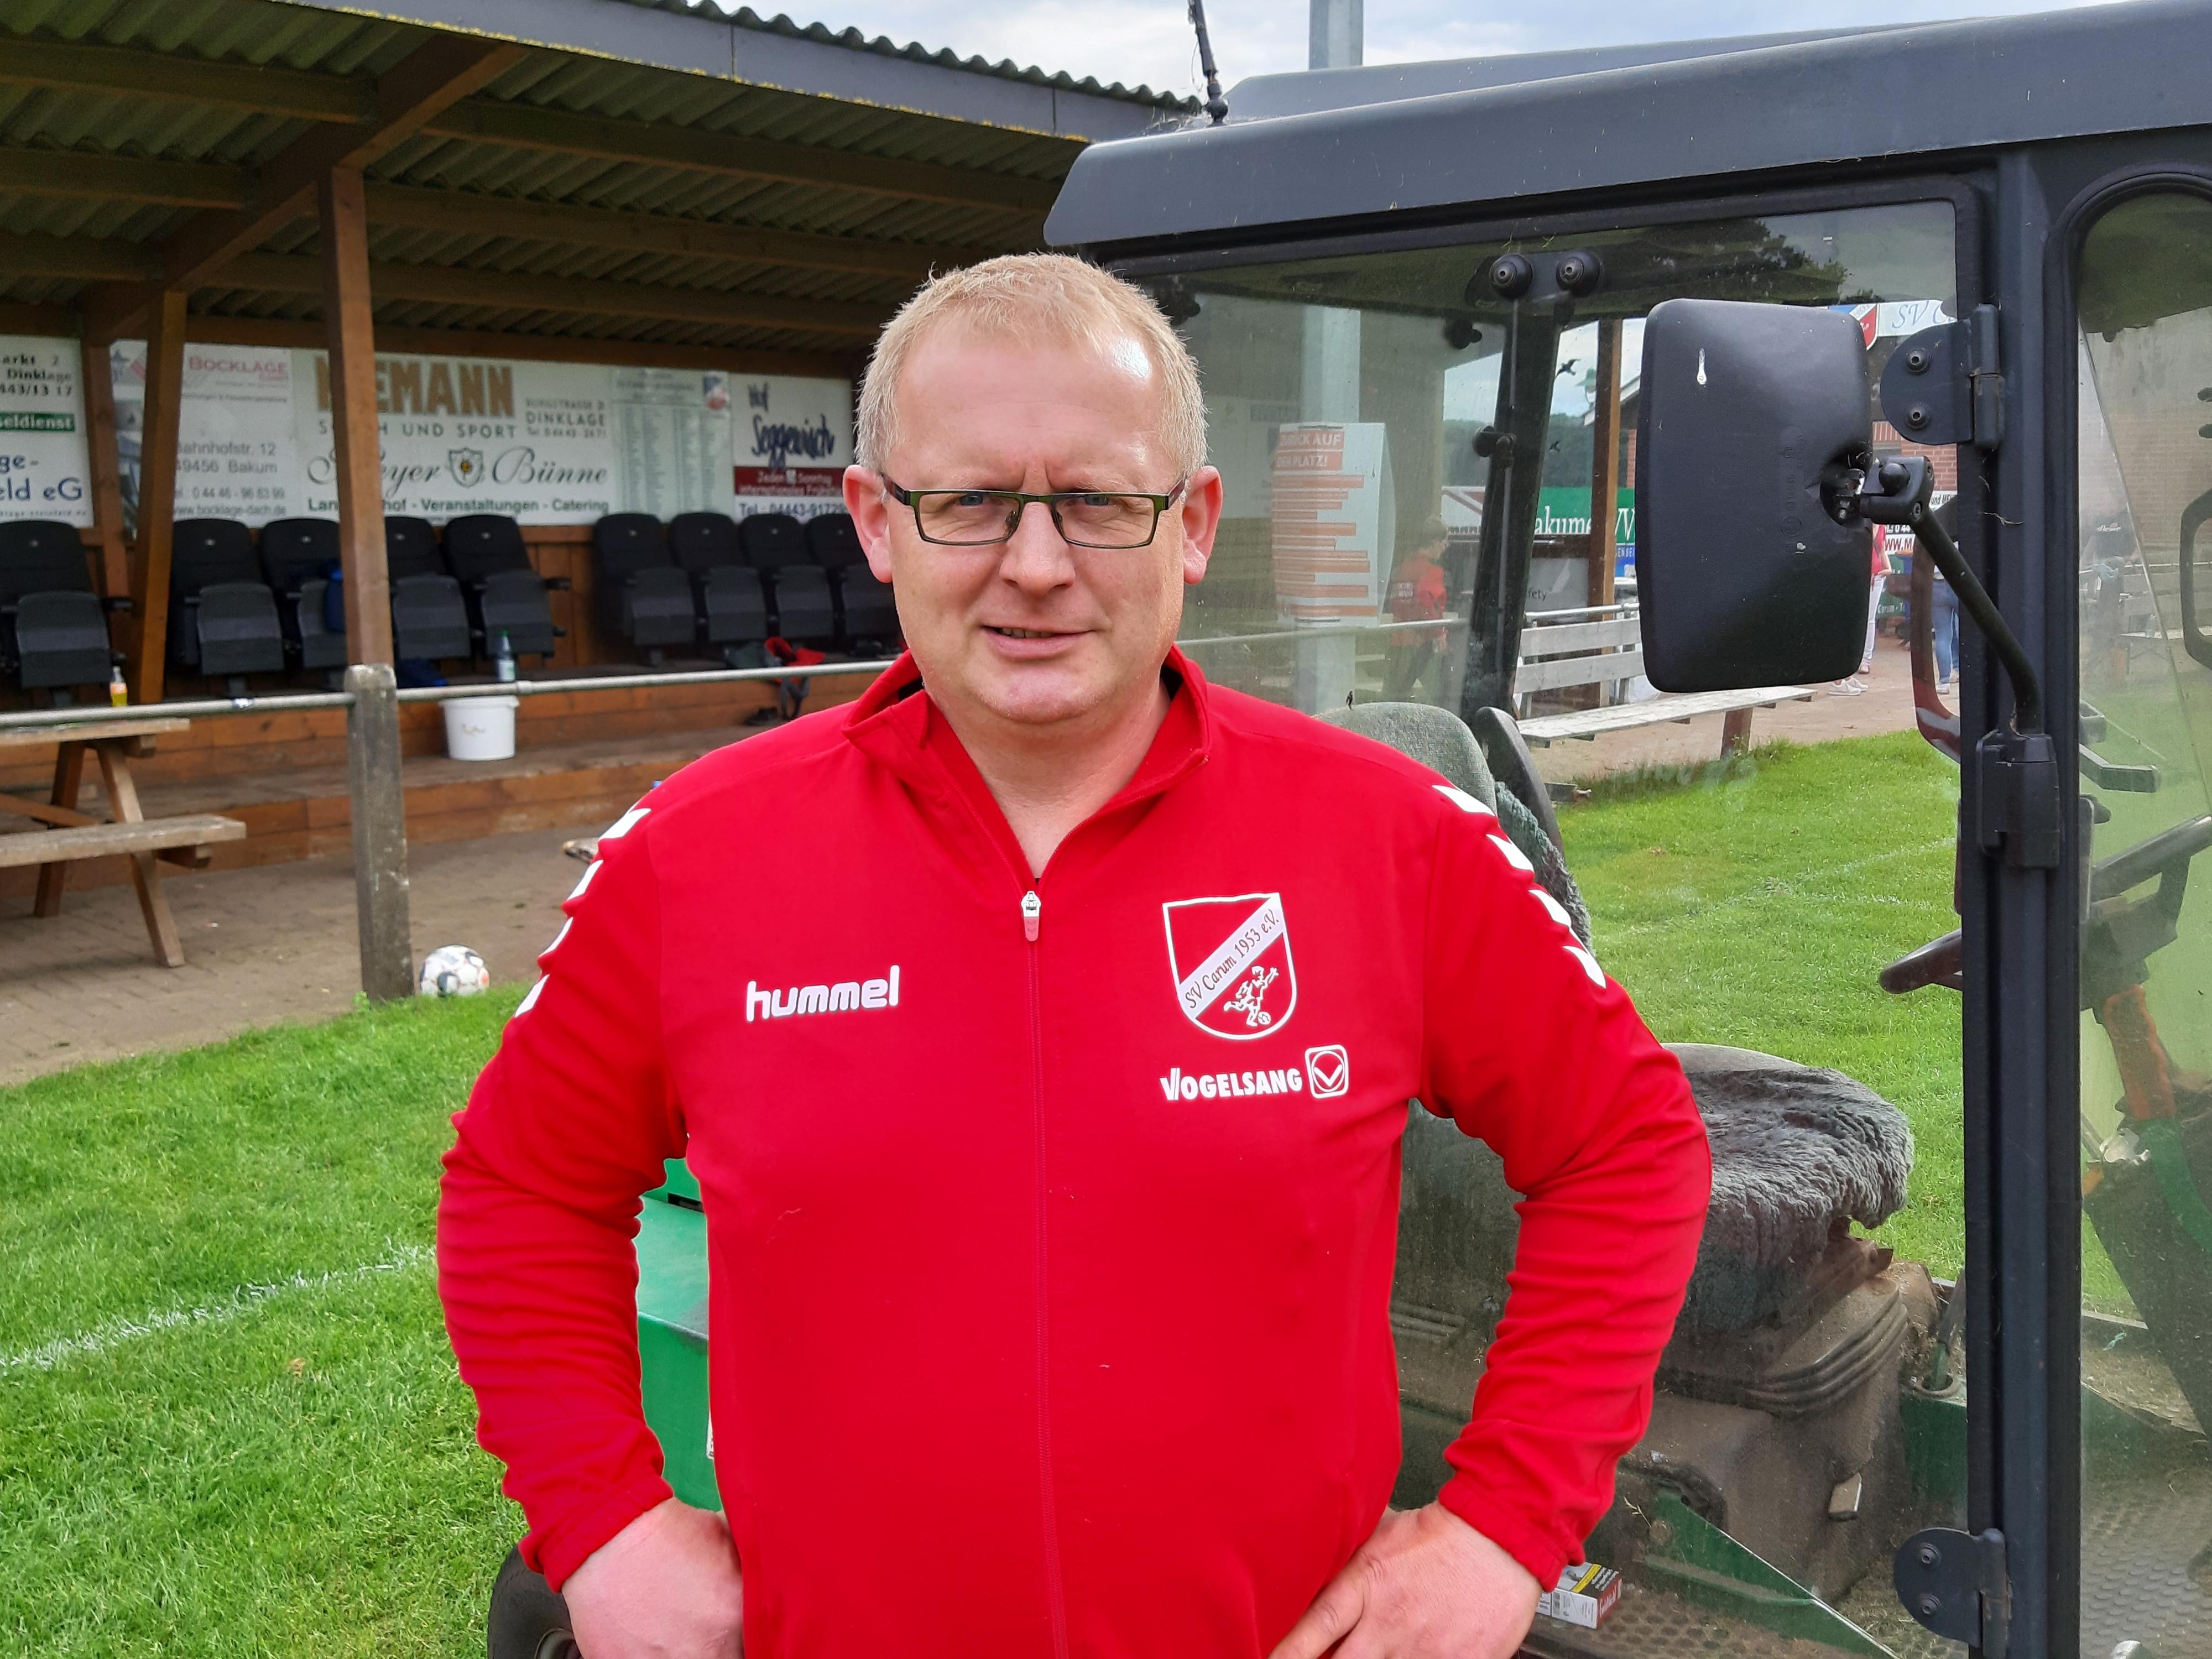 Das Gefährt ist startklar: Carums Platzwart Dieter Averbeck hält die Sportanlage der Ortschaft in Schuss. Dazu gehört selbstverständlich auch die Pflege des Rasens. Foto: Hilgefort